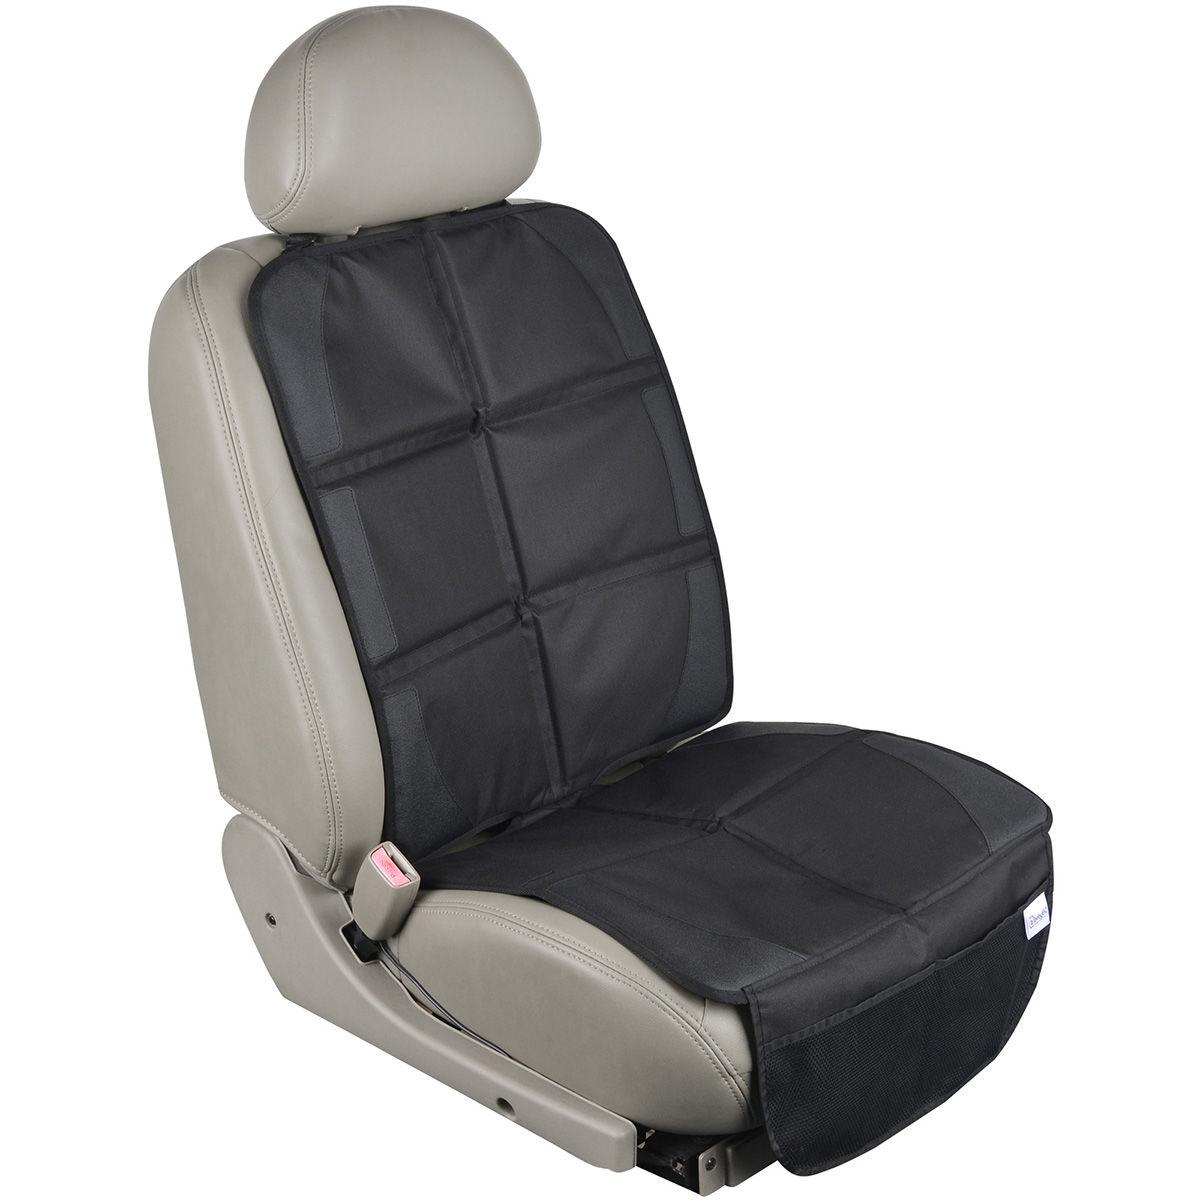 Afbeelding van BabyGO autostoelbeschermer / Car seat protector